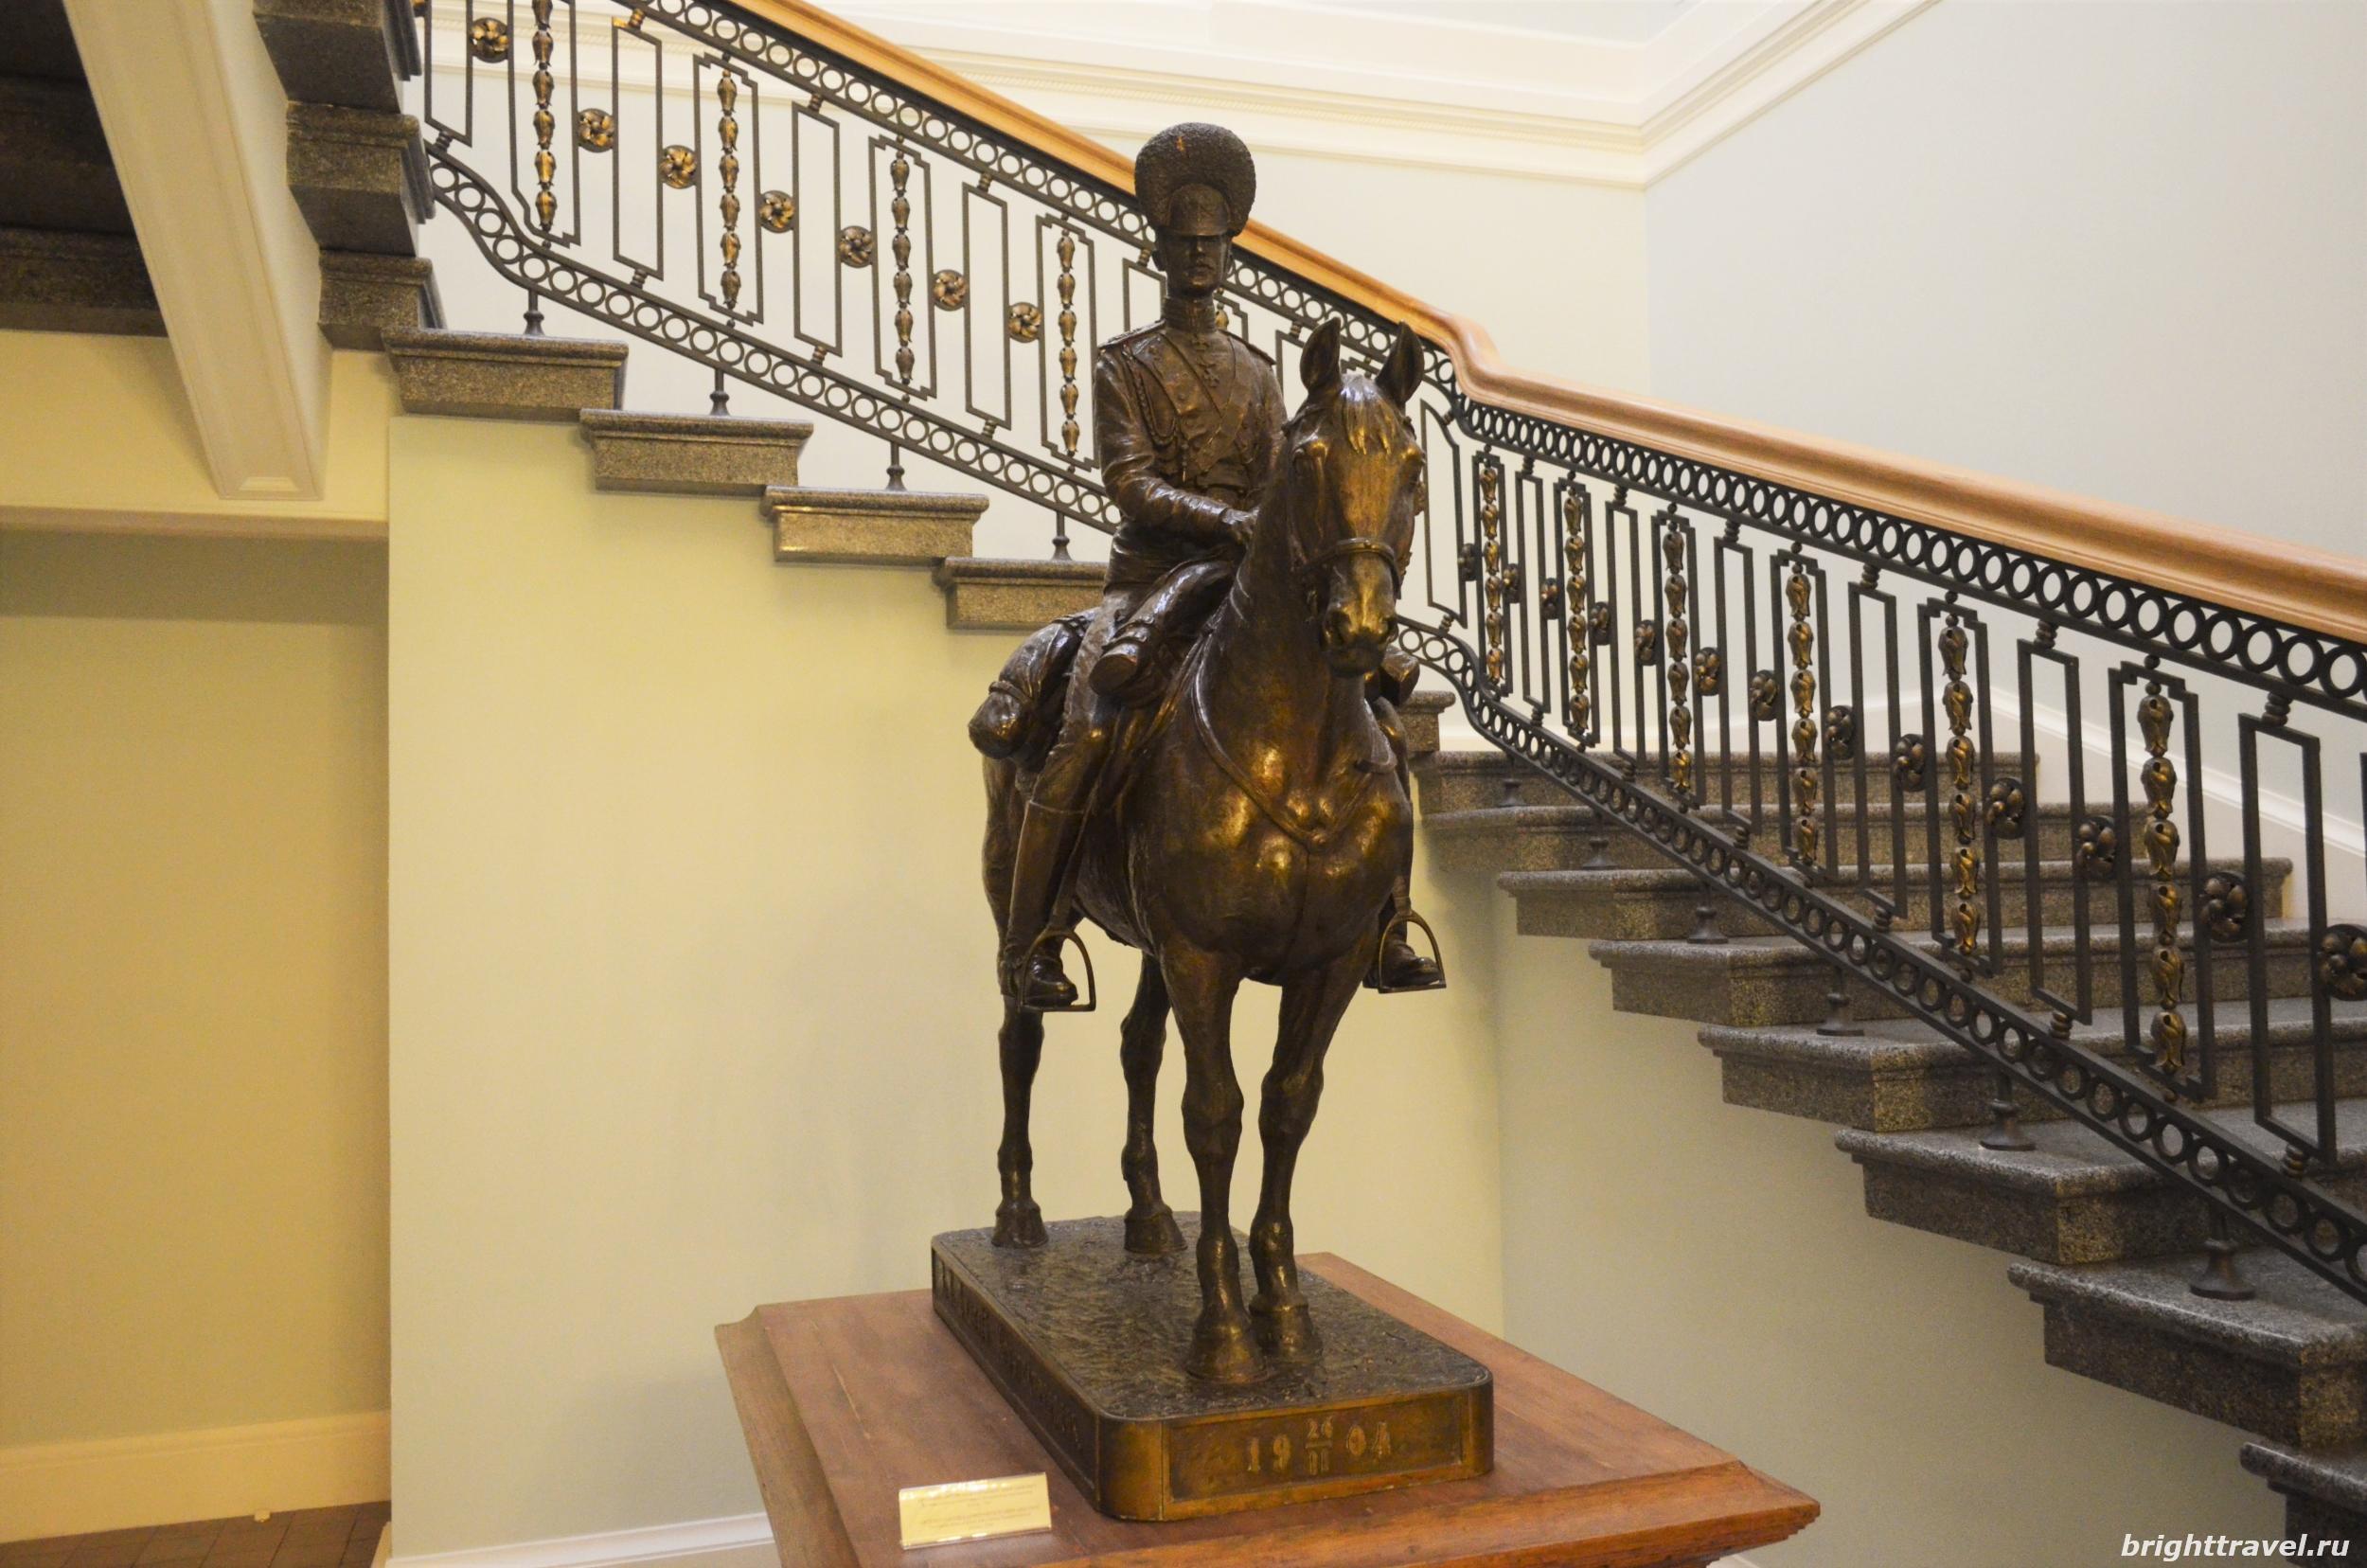 Фото парадной лестницы Императорского дворца Твери